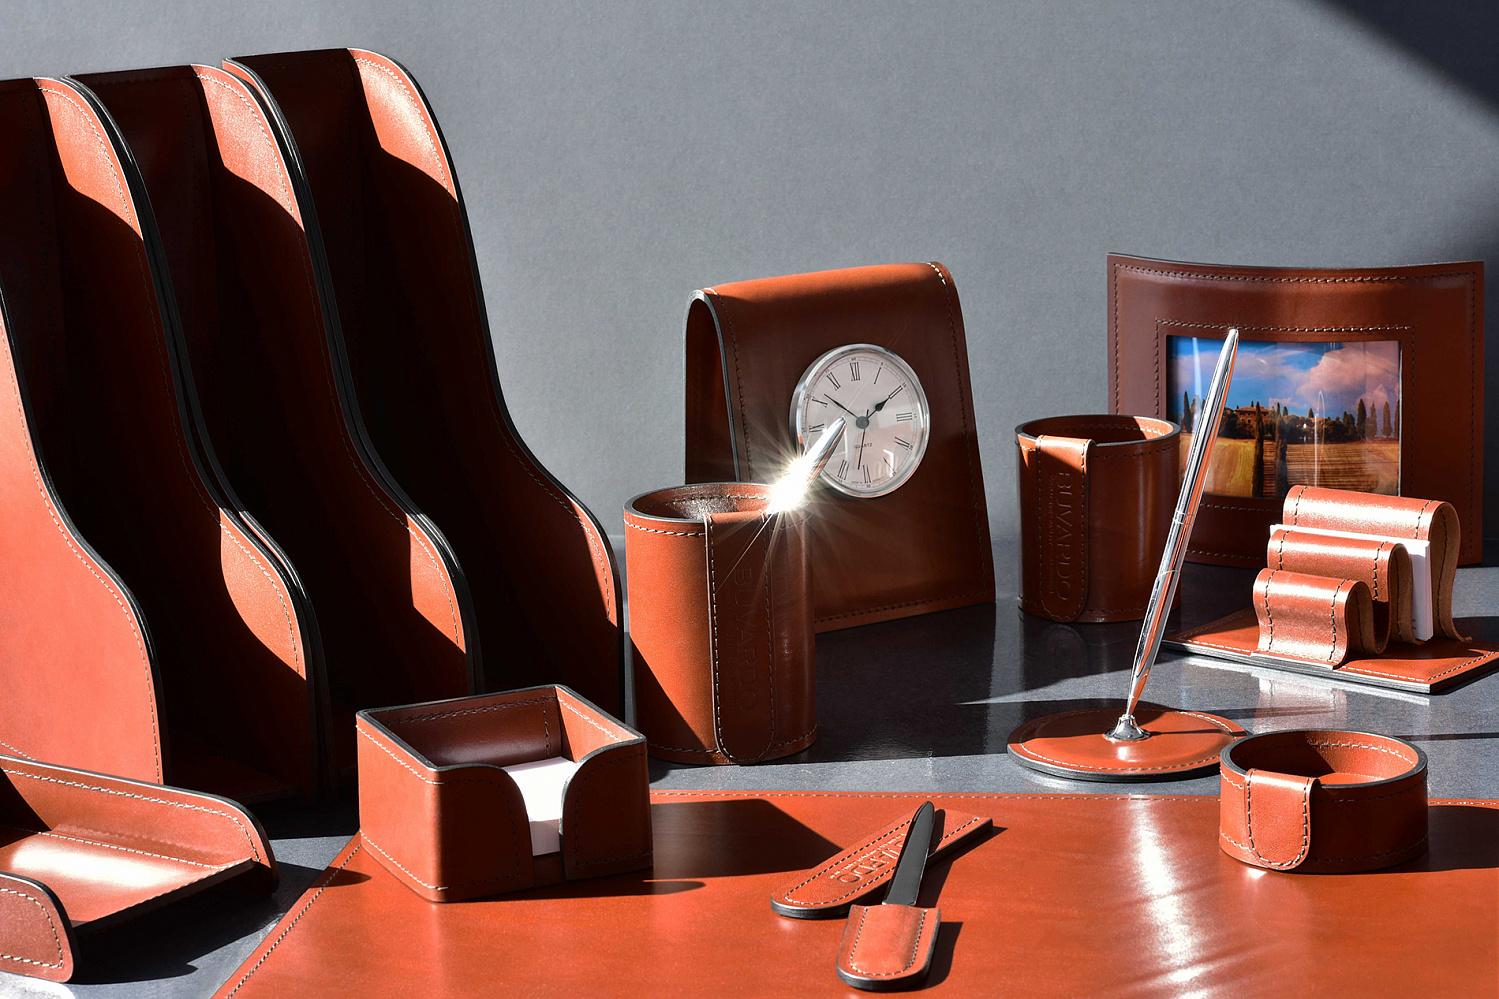 Набор в кабинет руководителя из кожи категории Full Grain Toscana, цвет Dark Tan.